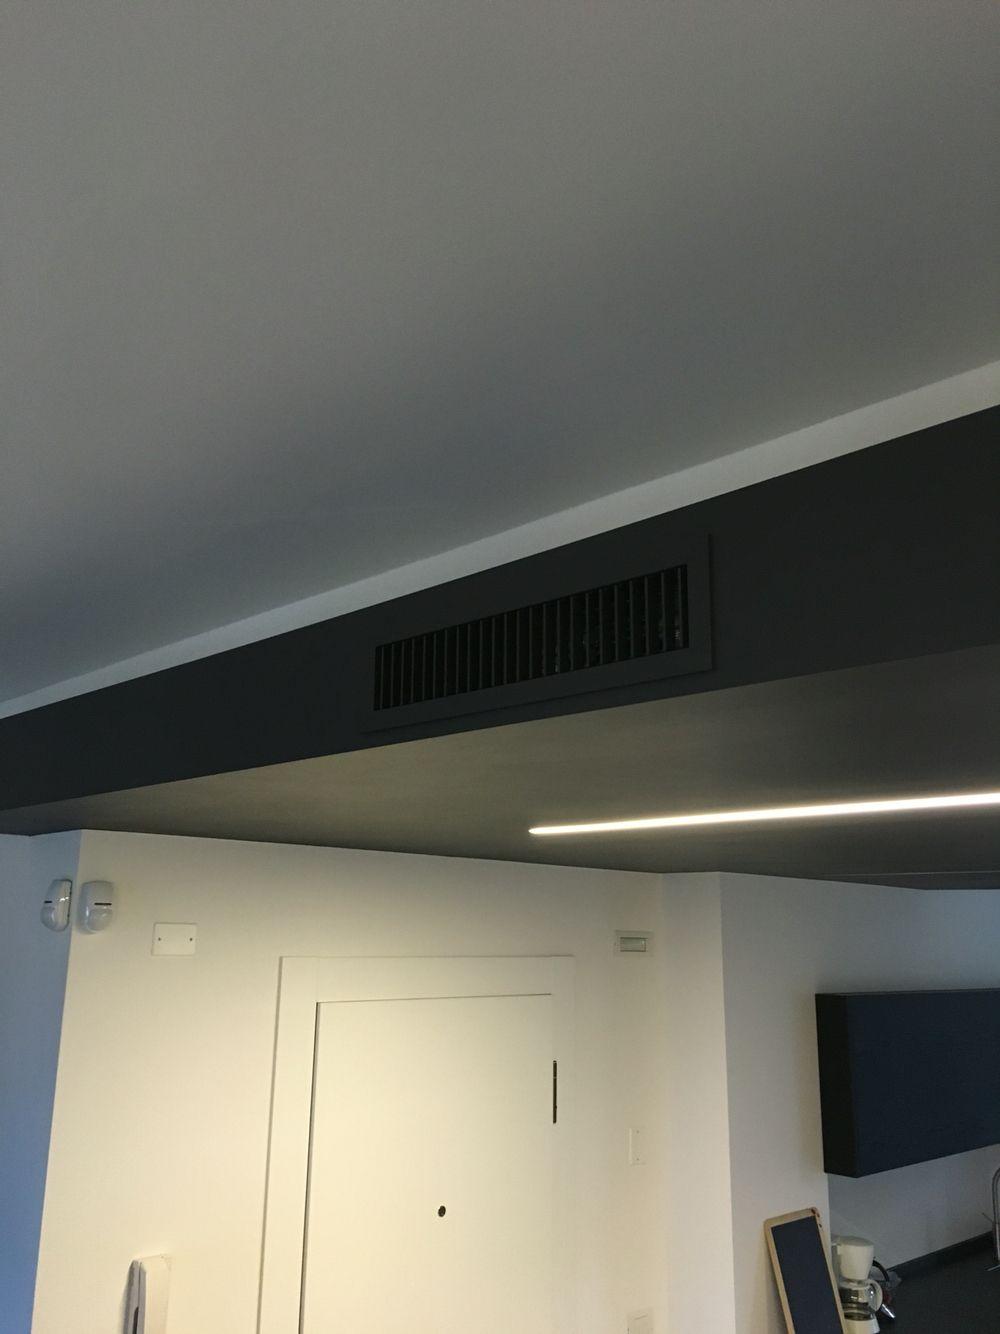 Impianto di condizionamento canalizzato bocchetta aria - Impianto condizionamento canalizzato ...